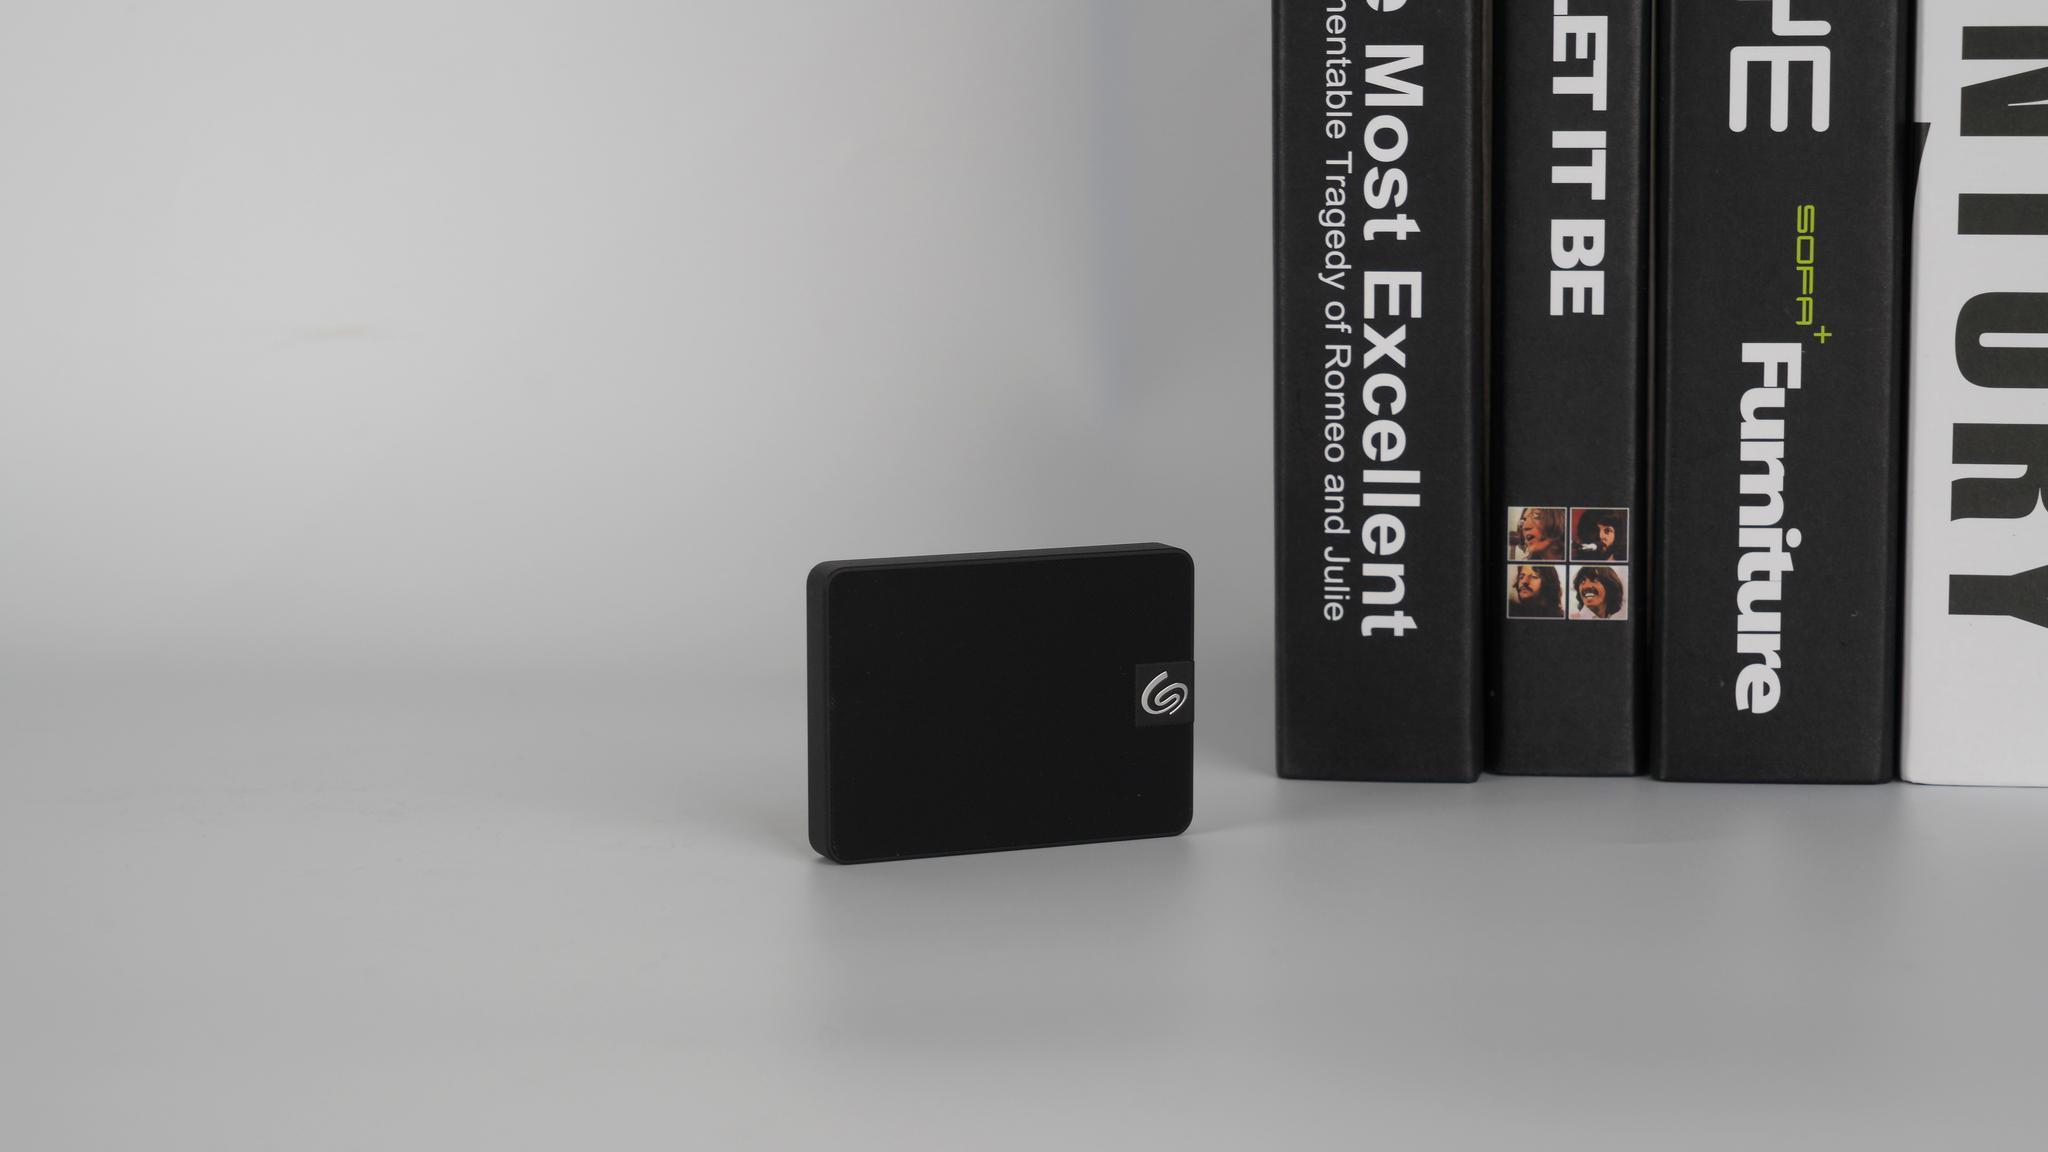 小巧有颜值,希捷颜系列黑钻版1T移动固态开箱